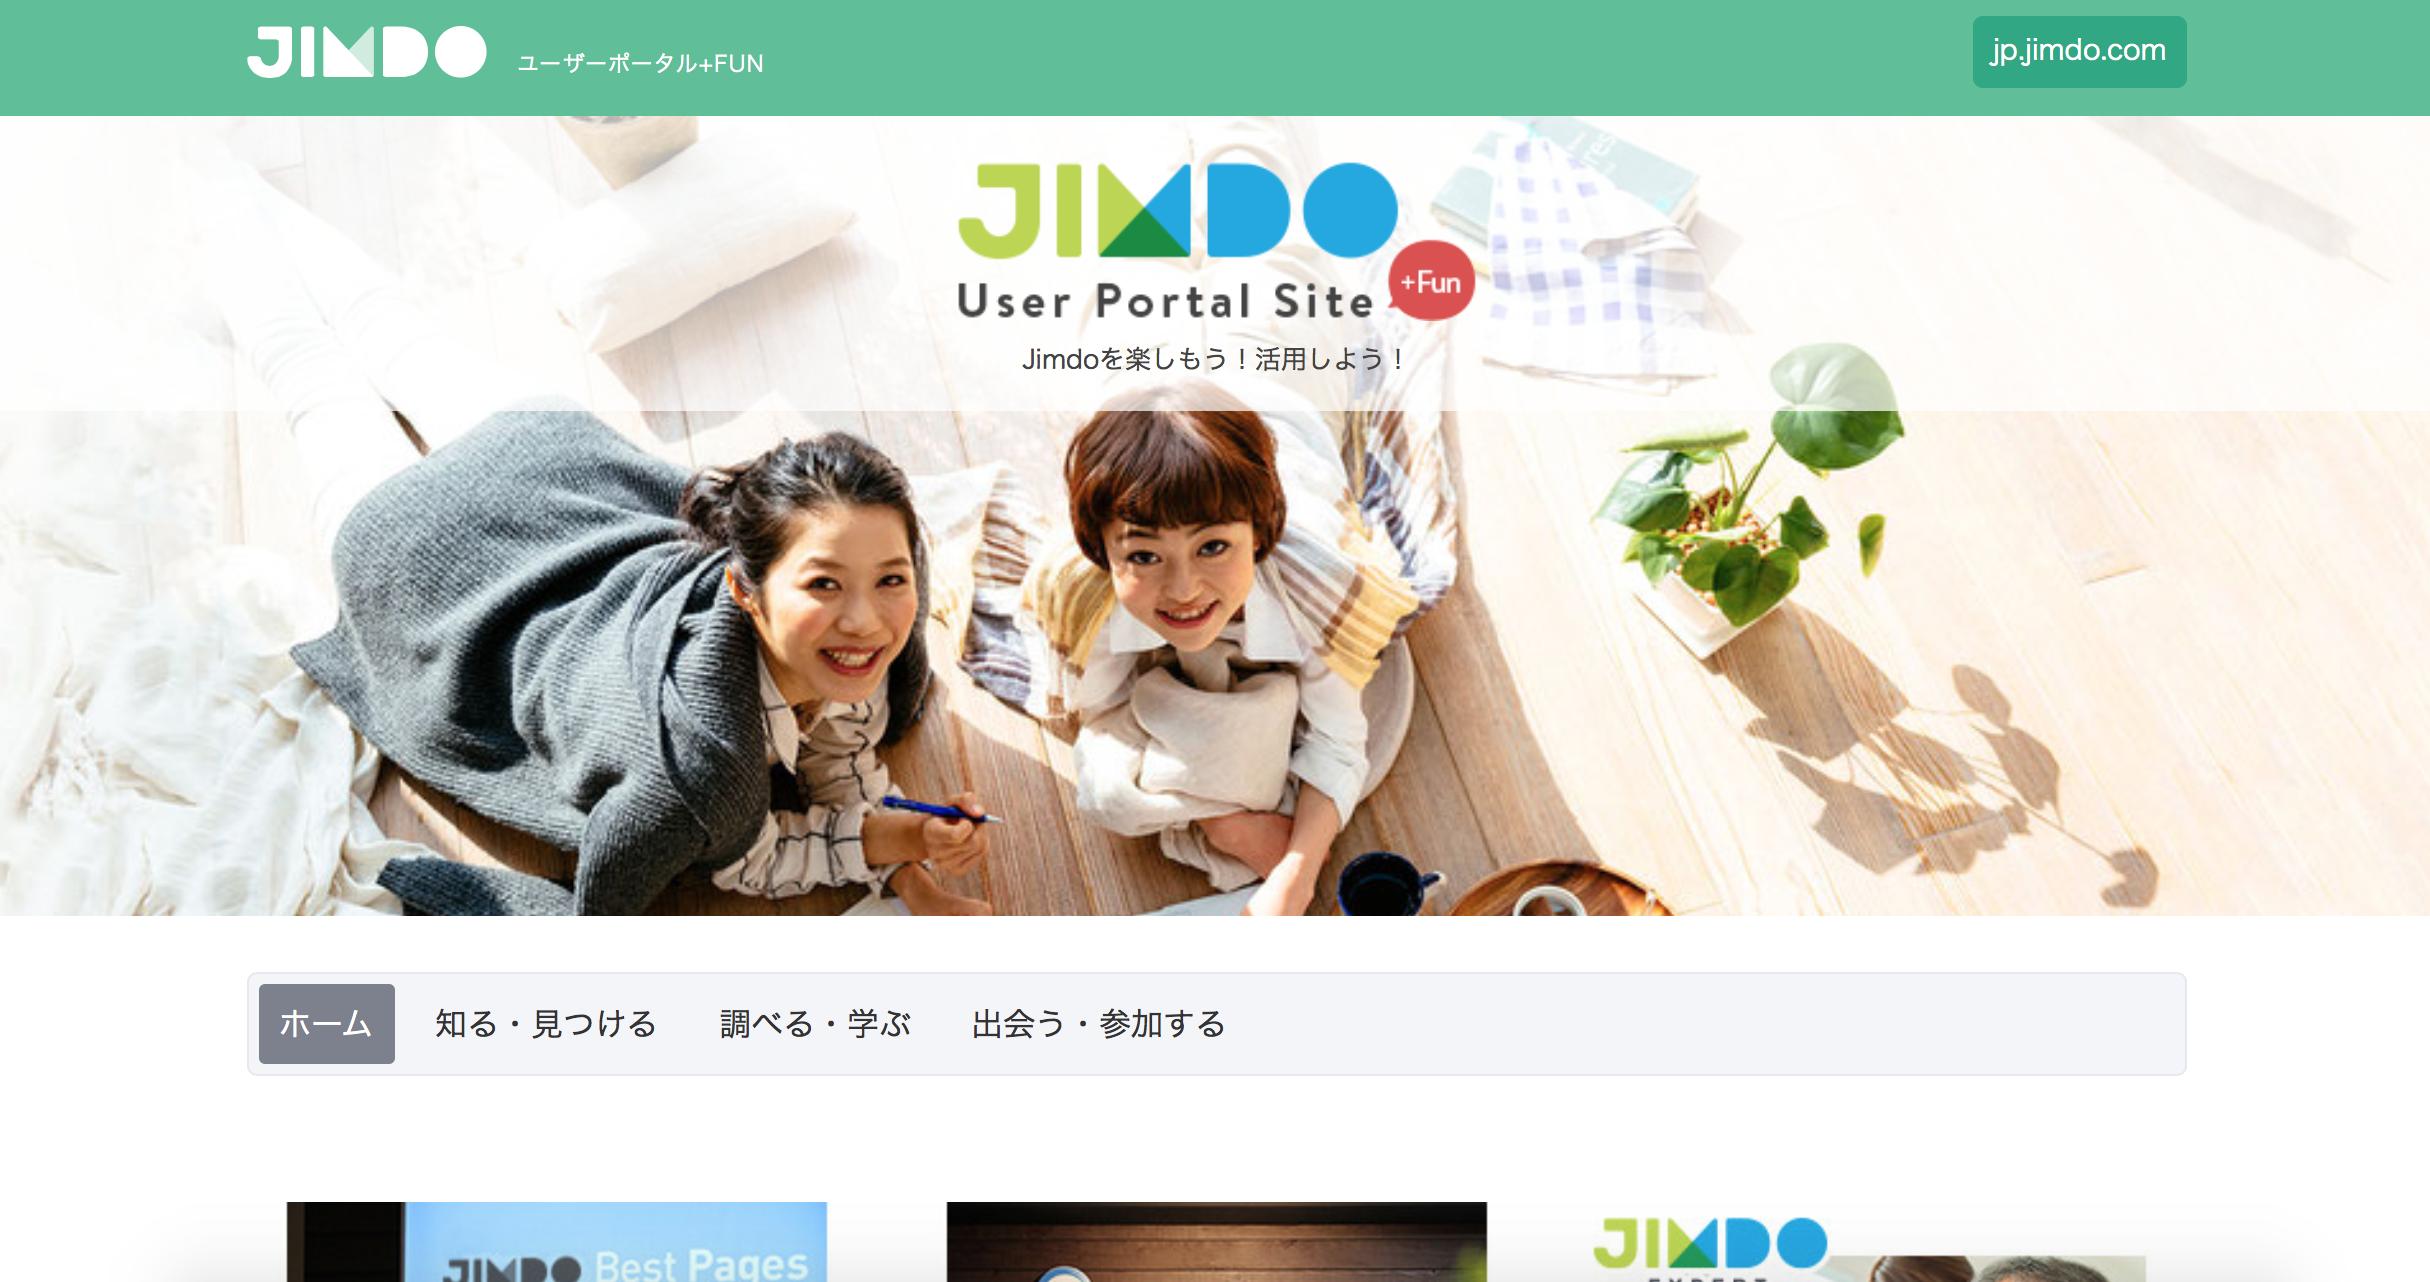 Jimdoユーザーポータルのトップ画像